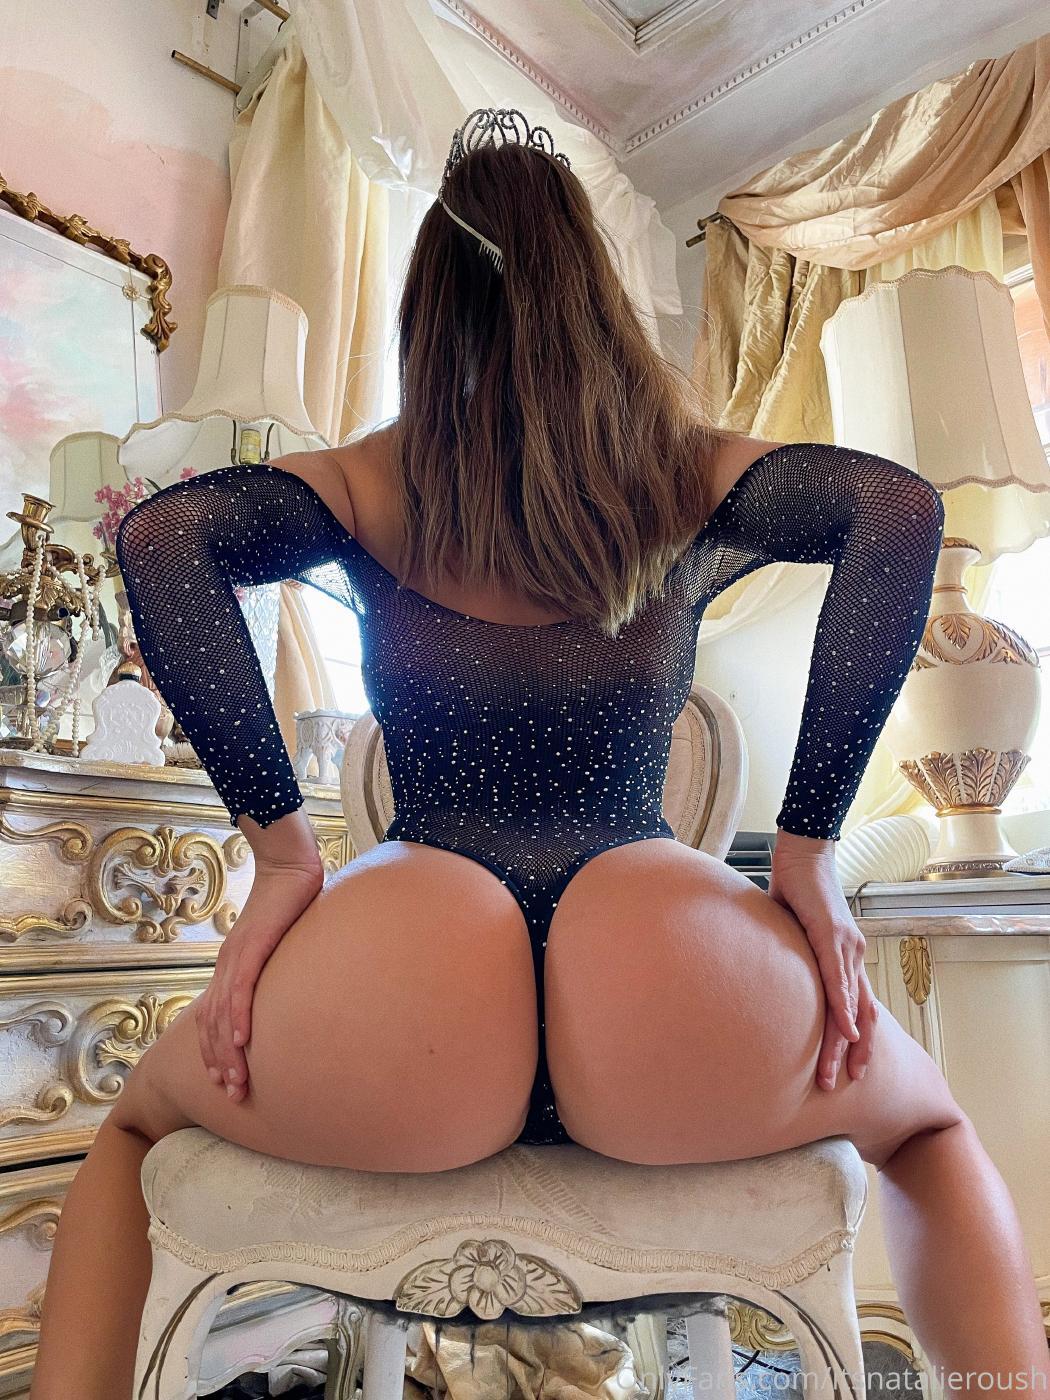 Natalie Roush Nude Fishnet Onlyfans Set Leaked Syugkn